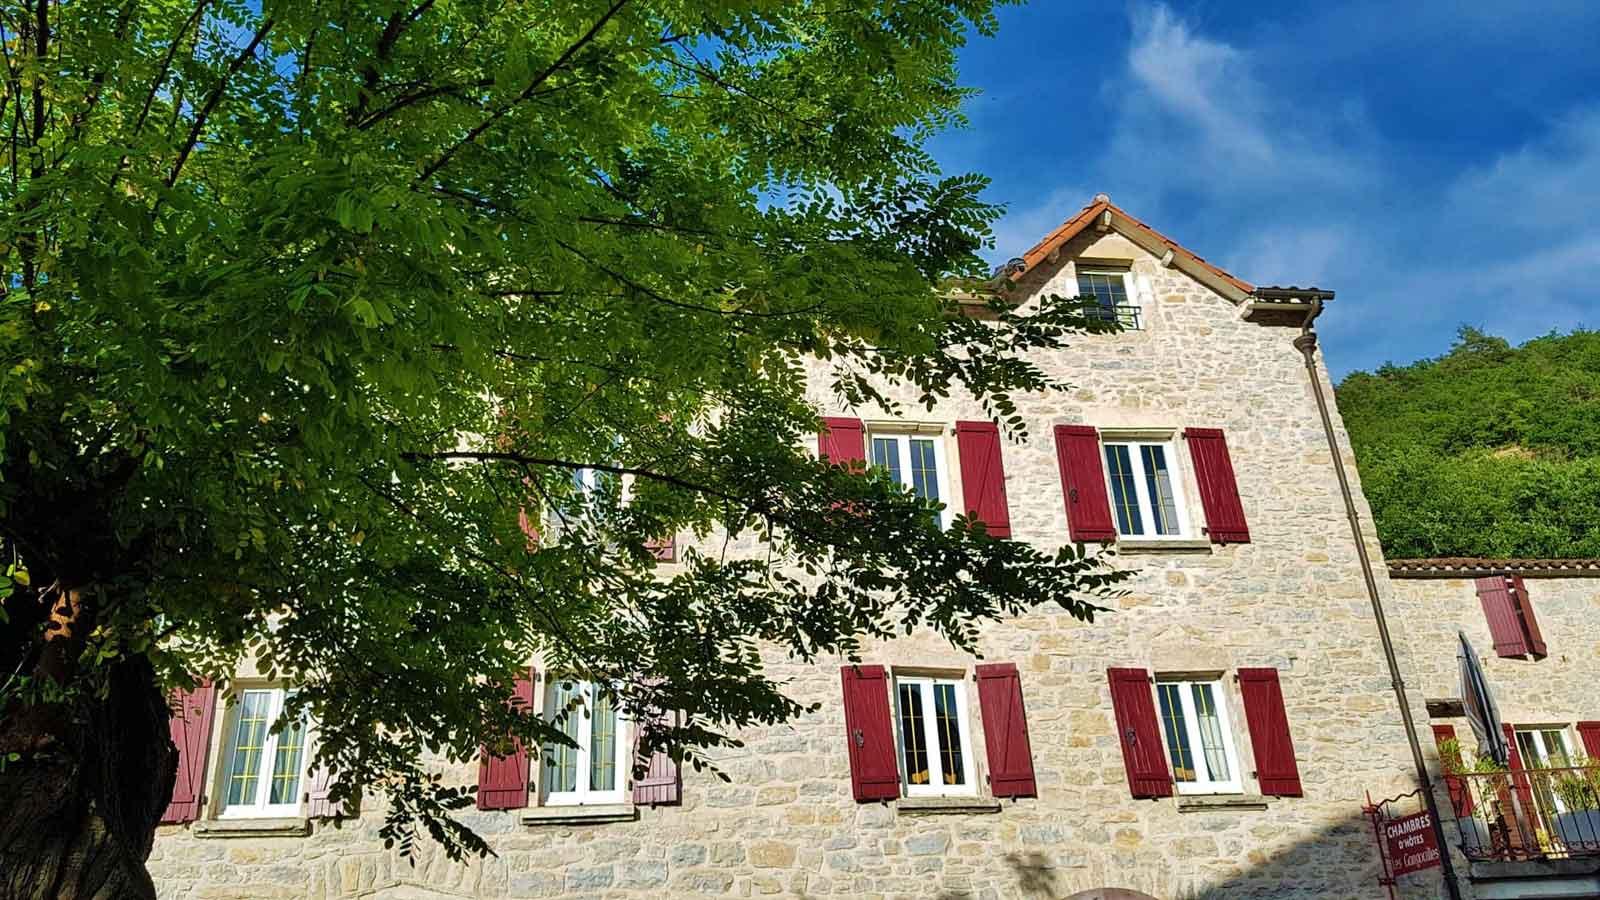 Chambres d'hôtes les Gargouilles - au cœur des Gorges du Tarn (Boyne, Aveyron)